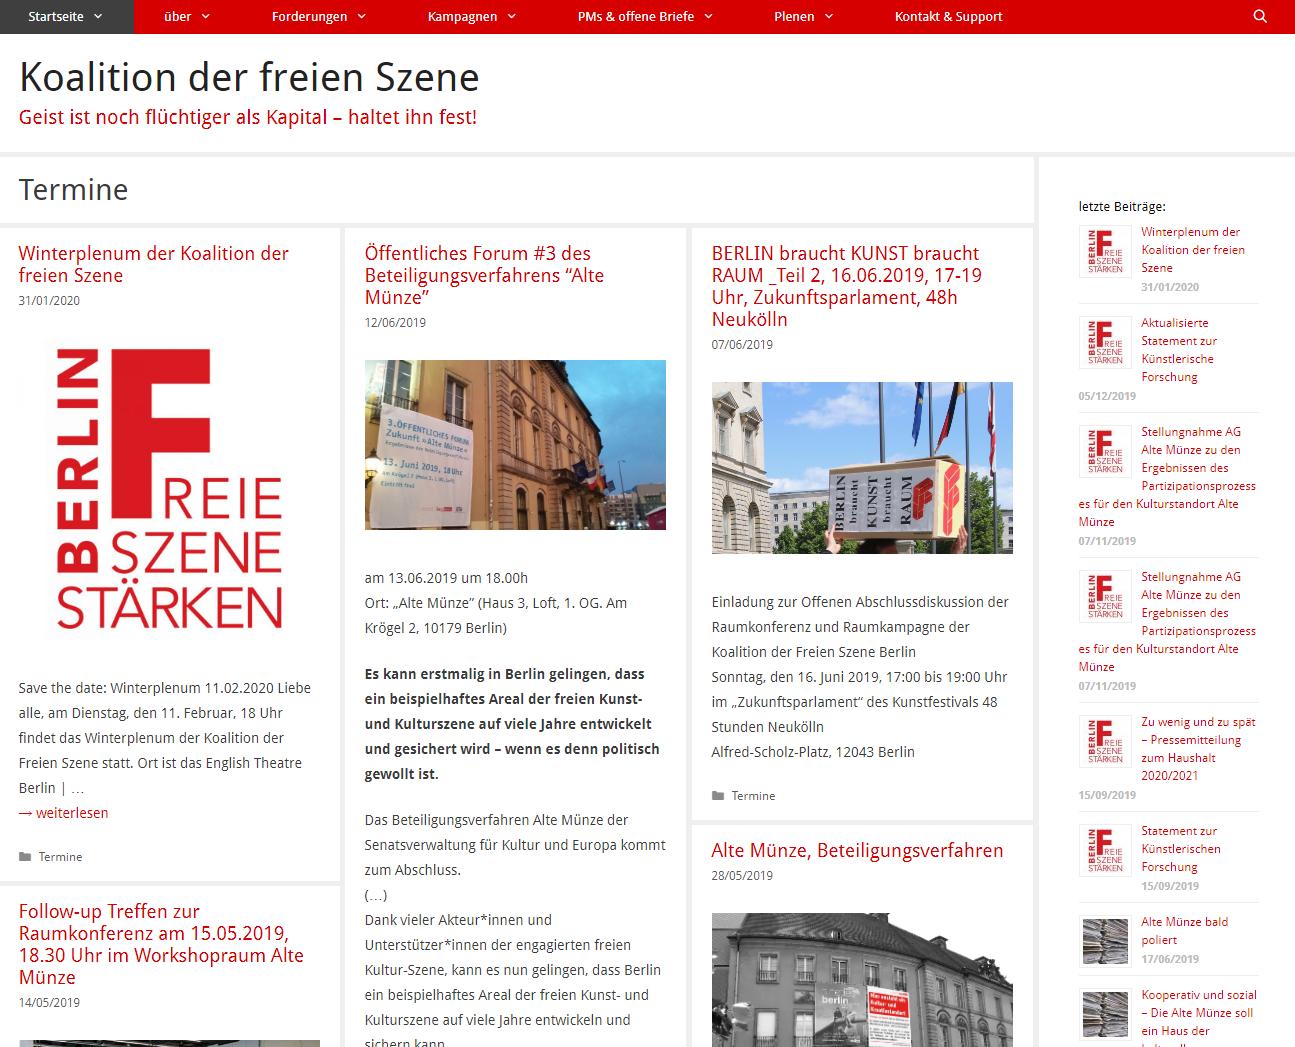 Koalition der freien Szene Berlin